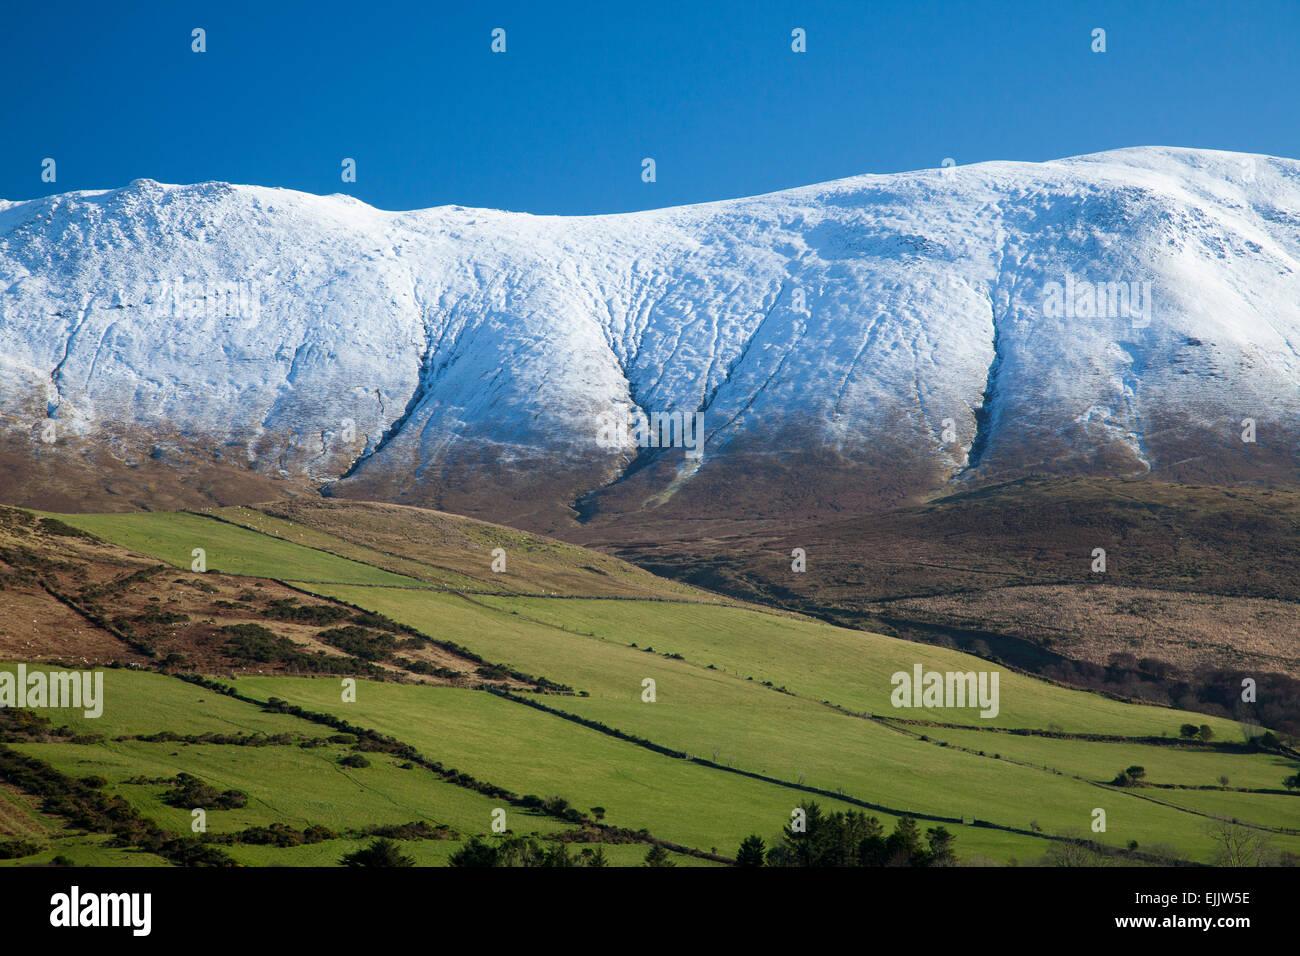 Caherconree montagne en hiver, les montagnes de Slieve Mish, péninsule de Dingle, comté de Kerry, Irlande. Photo Stock